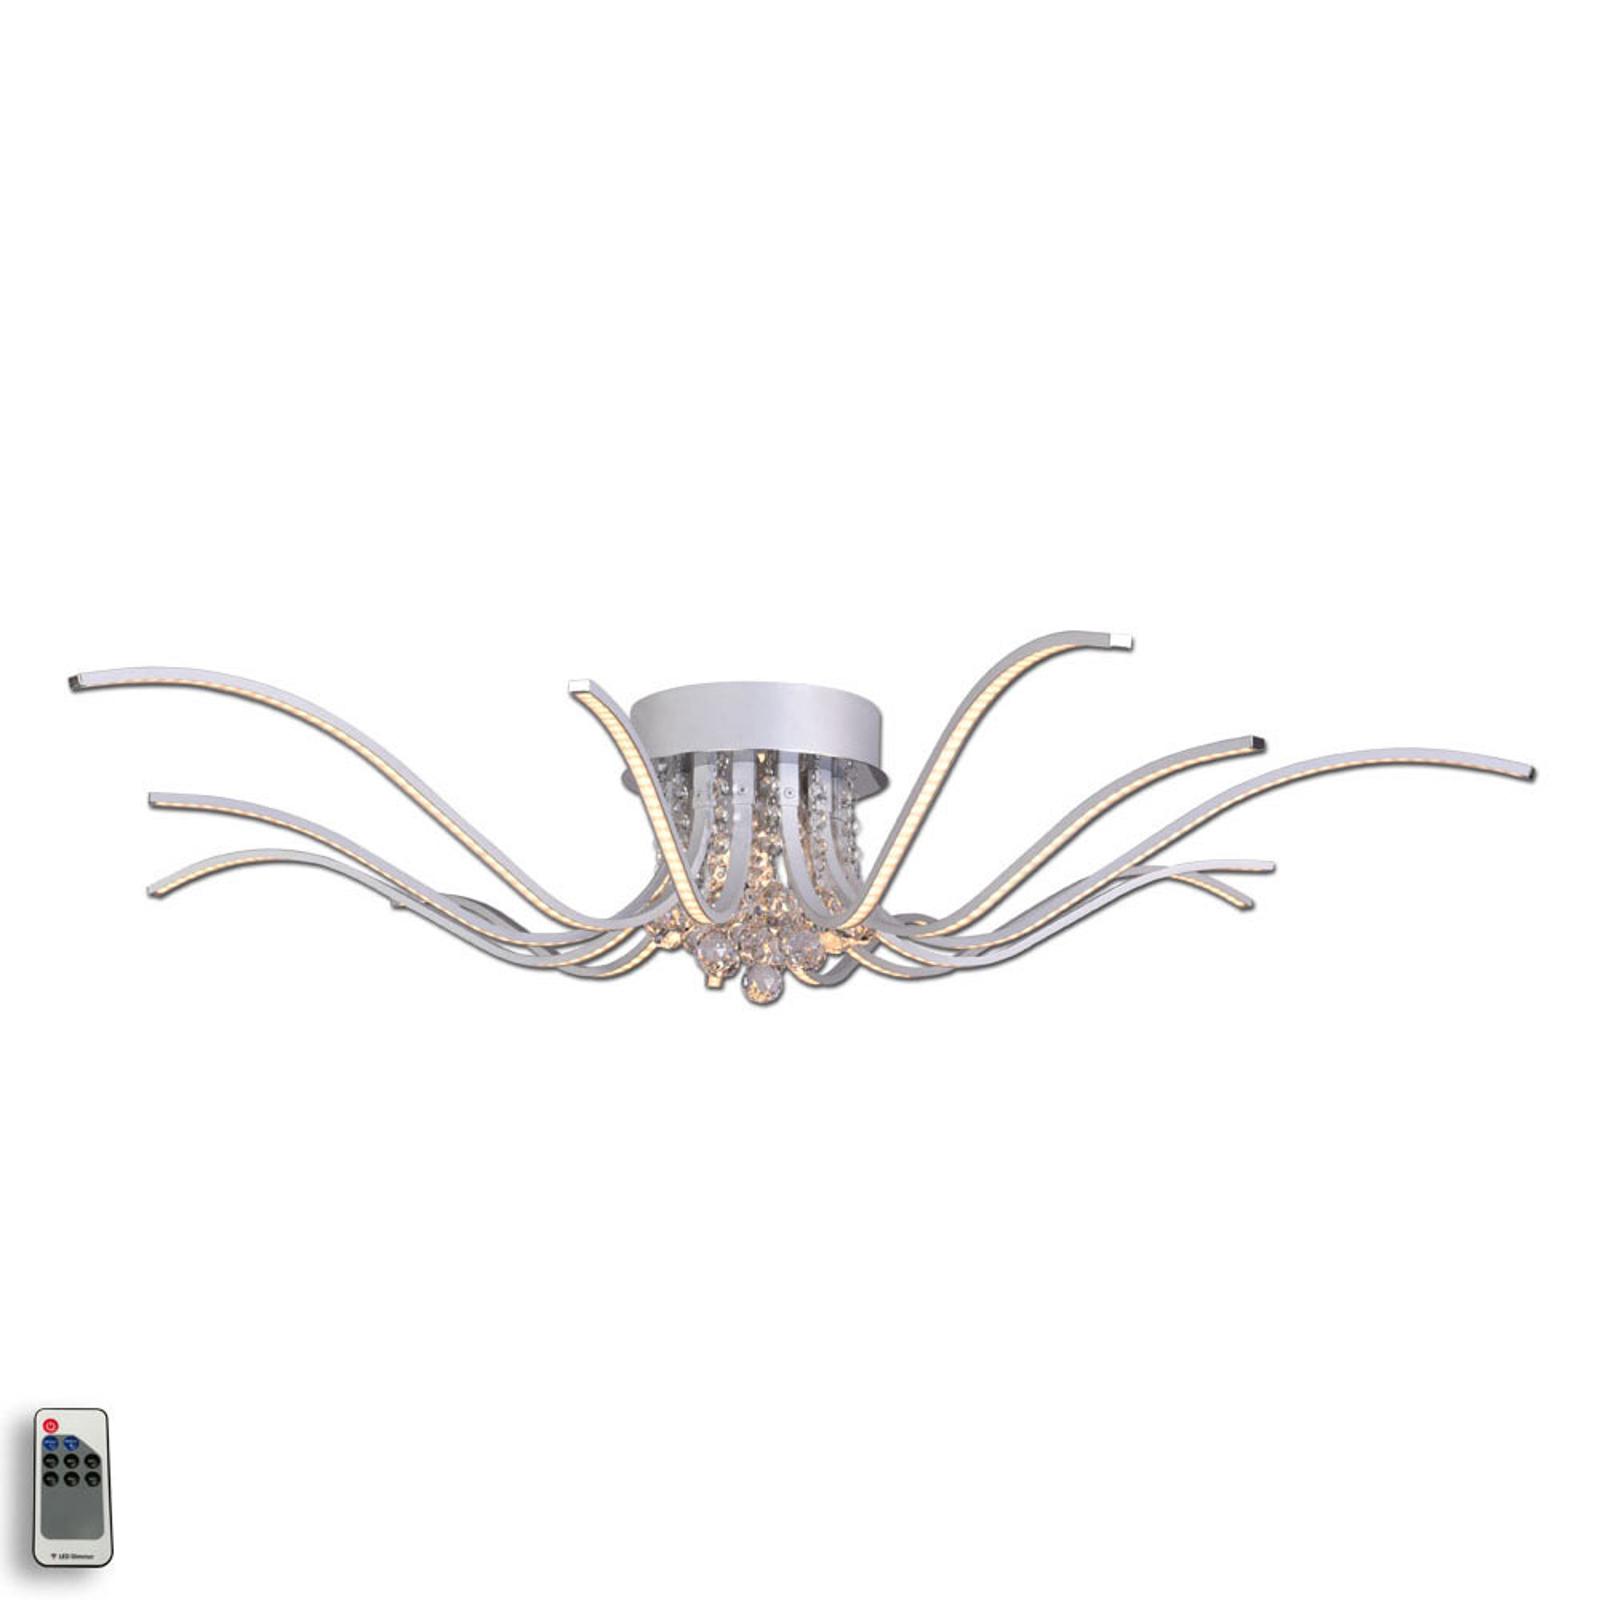 Lumenos LED-taklampe med krystaller, alu